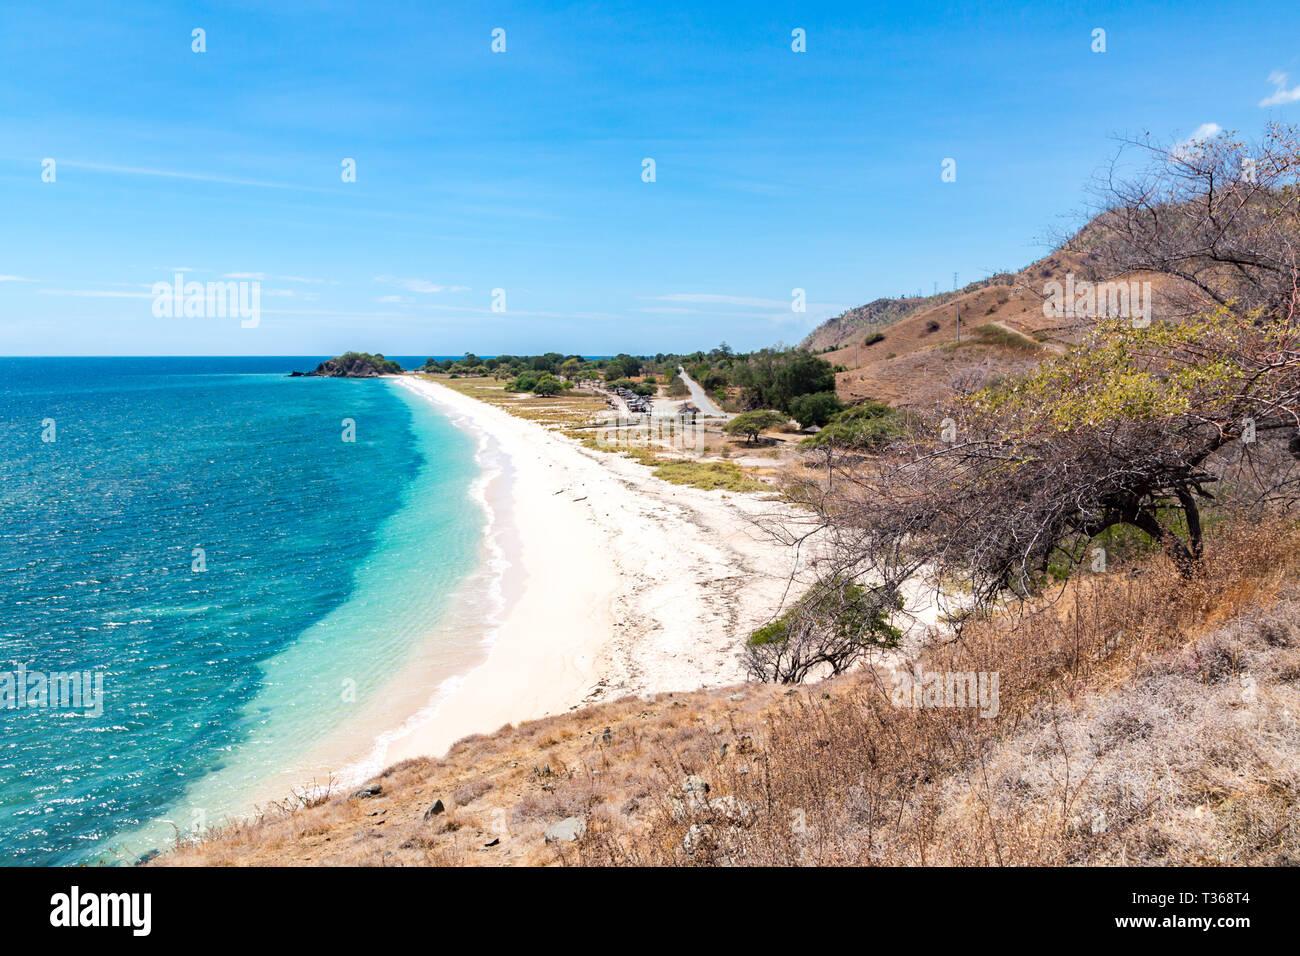 L'un dollar beach. Plage de sable jaune Idillic du Timor oriental, au Timor-Leste. Littoral avec des collines, des montagnes et la savane sèche. Paysage rural et la nature b Banque D'Images